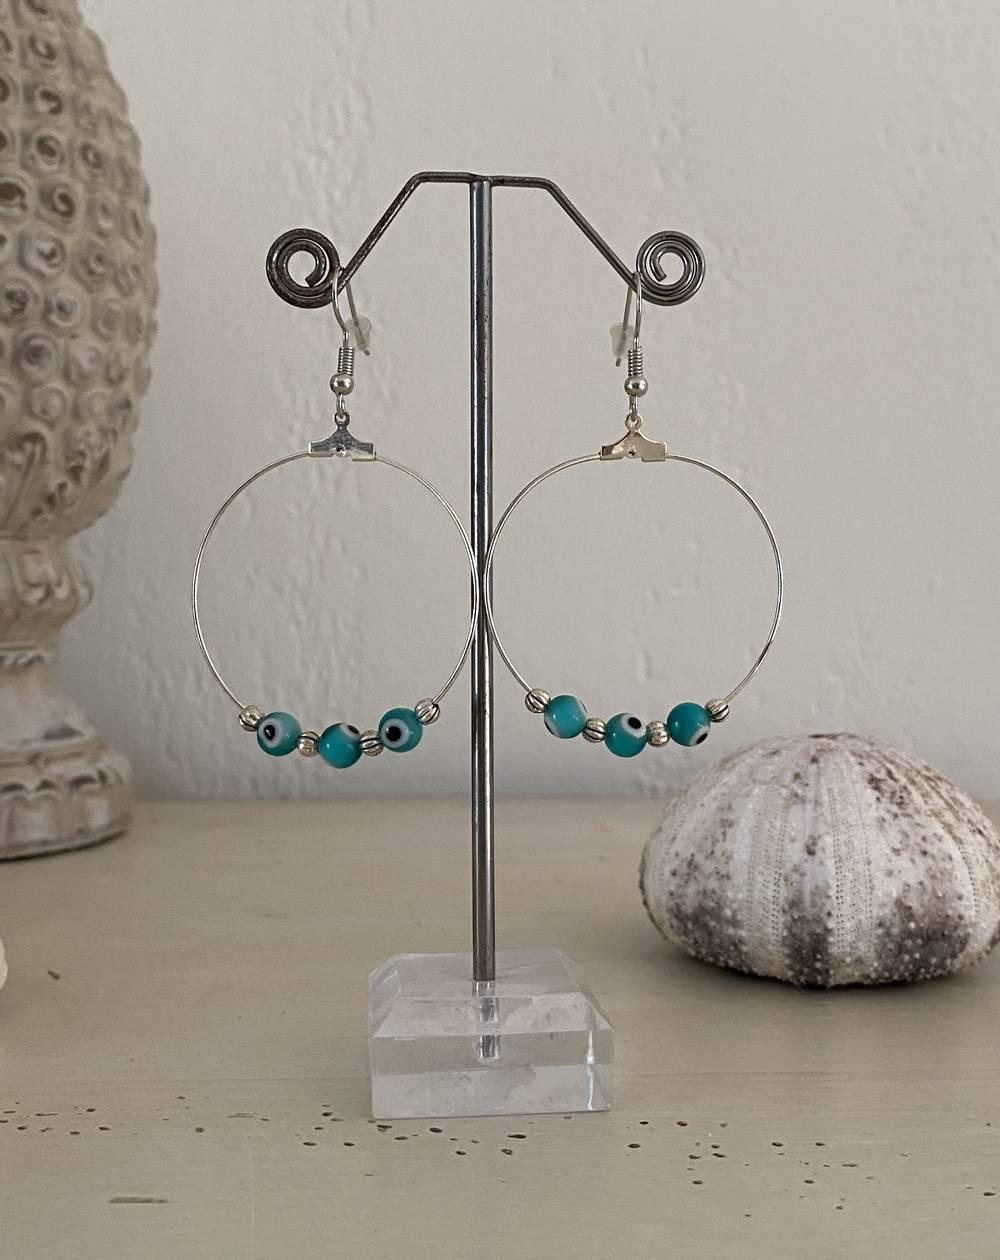 Boucles d'oreilles créoles perles vertes et métal